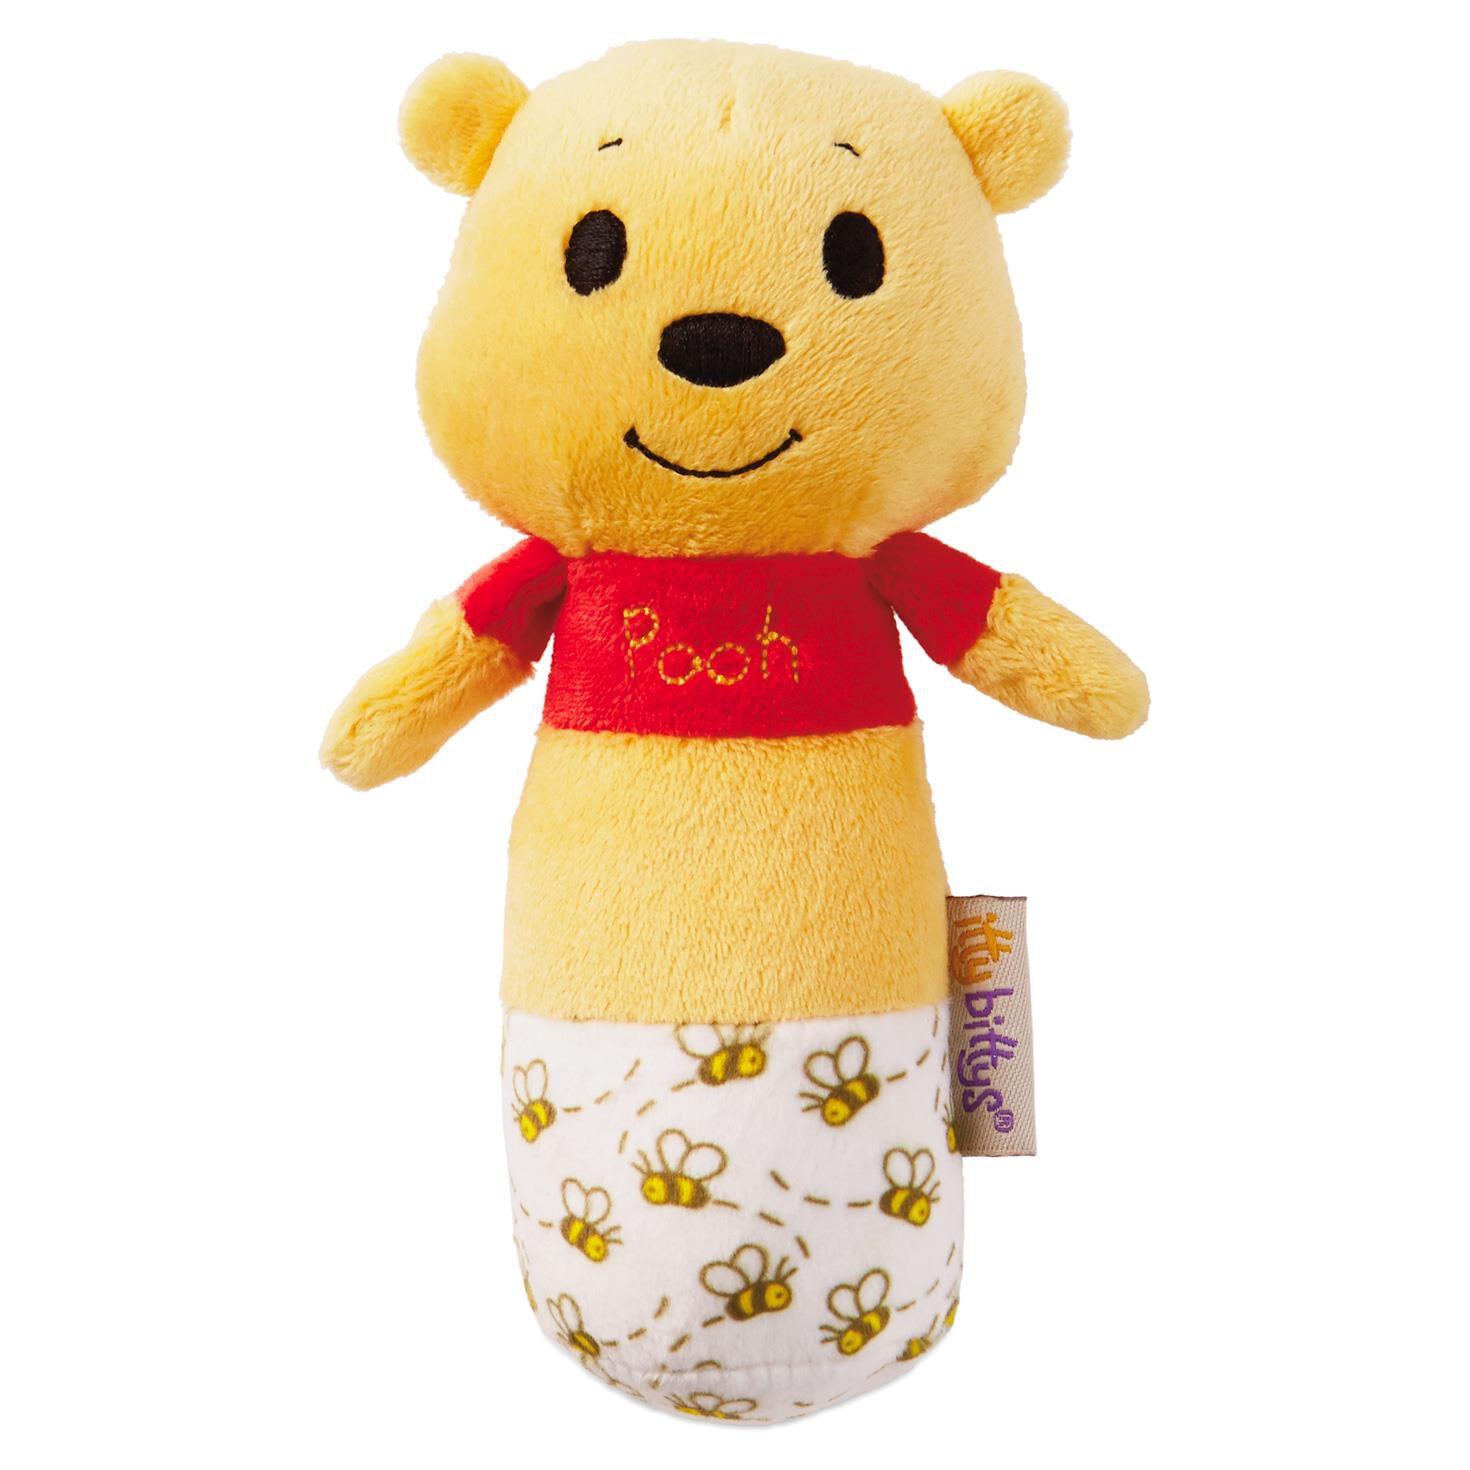 3e1090446df6 itty bittys® Winnie the Pooh Baby Rattle - Baby Essentials - Hallmark